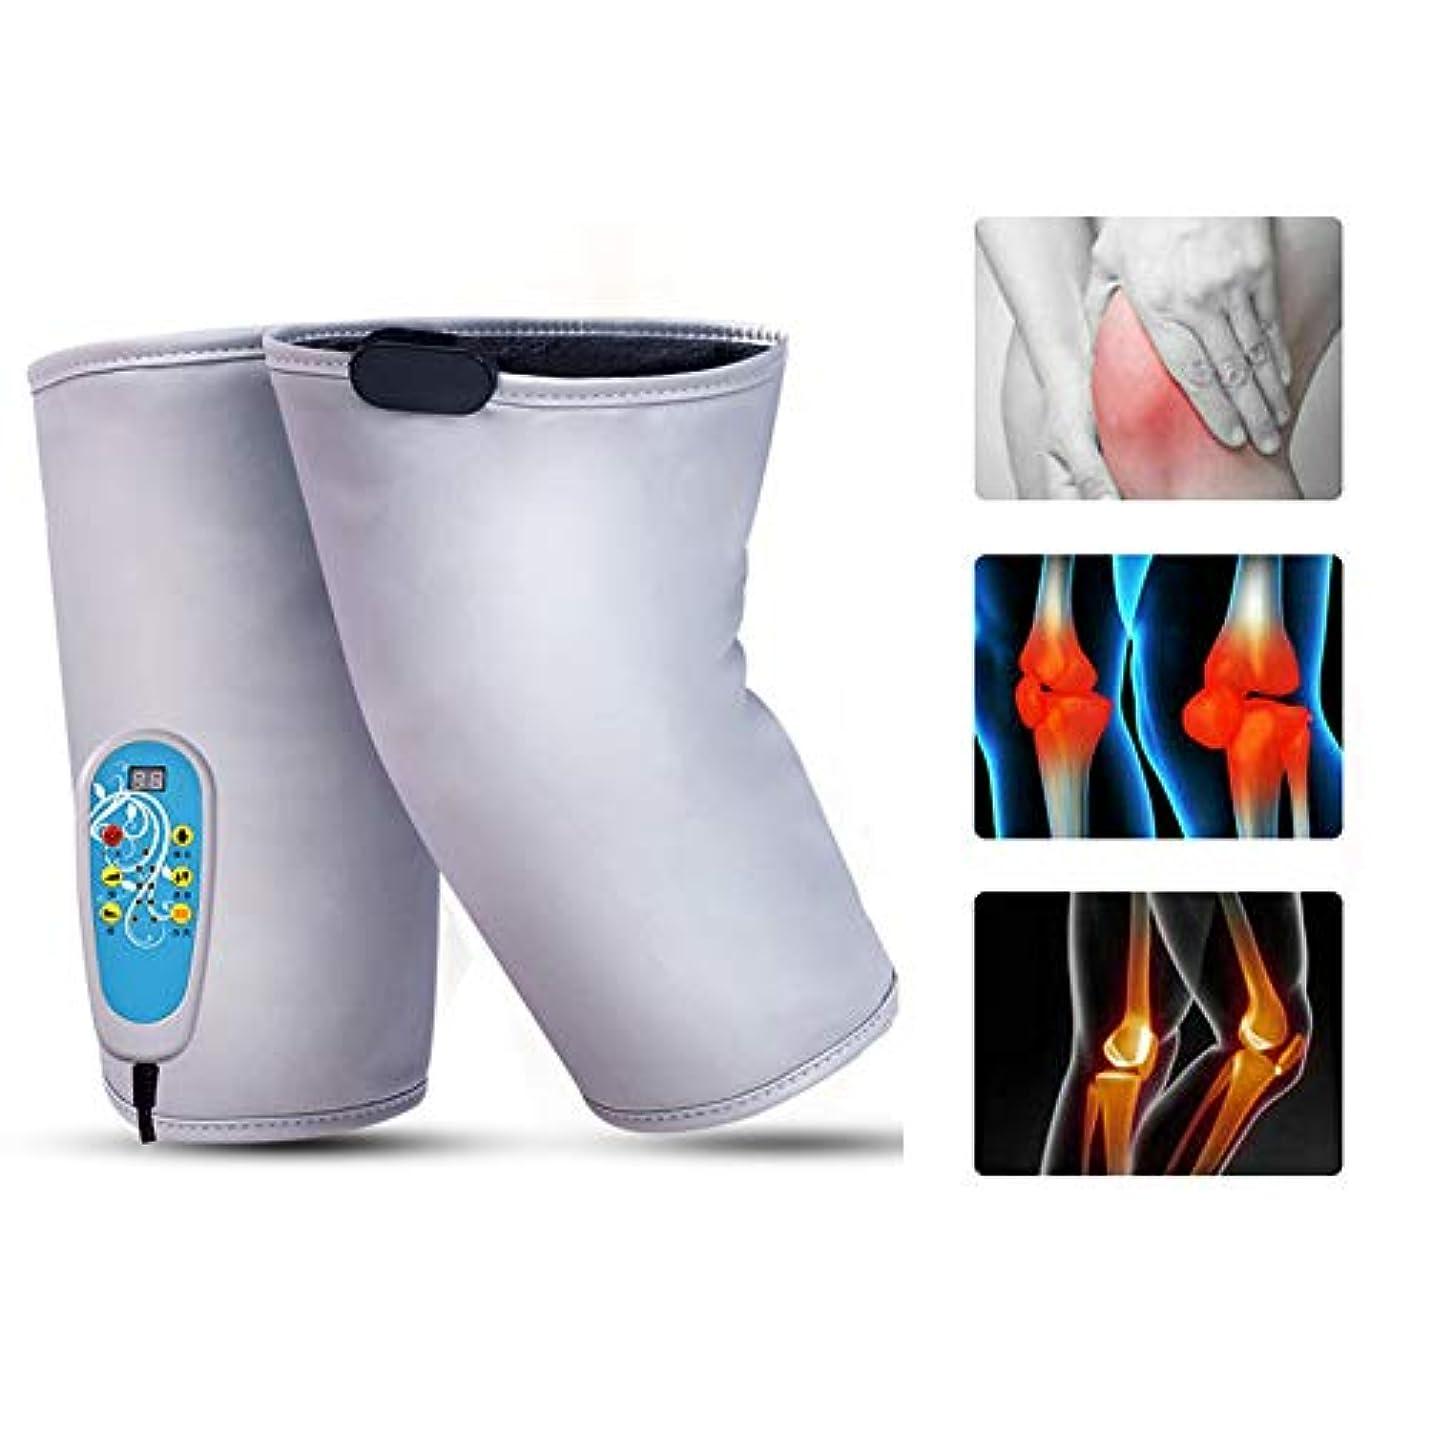 ジャンプする似ているさわやか暖房膝装具サポート1対加熱膝パッドウォームラップ - 膝のけが、痛みを軽減するための9マッサージモードのセラピーマッサージャー